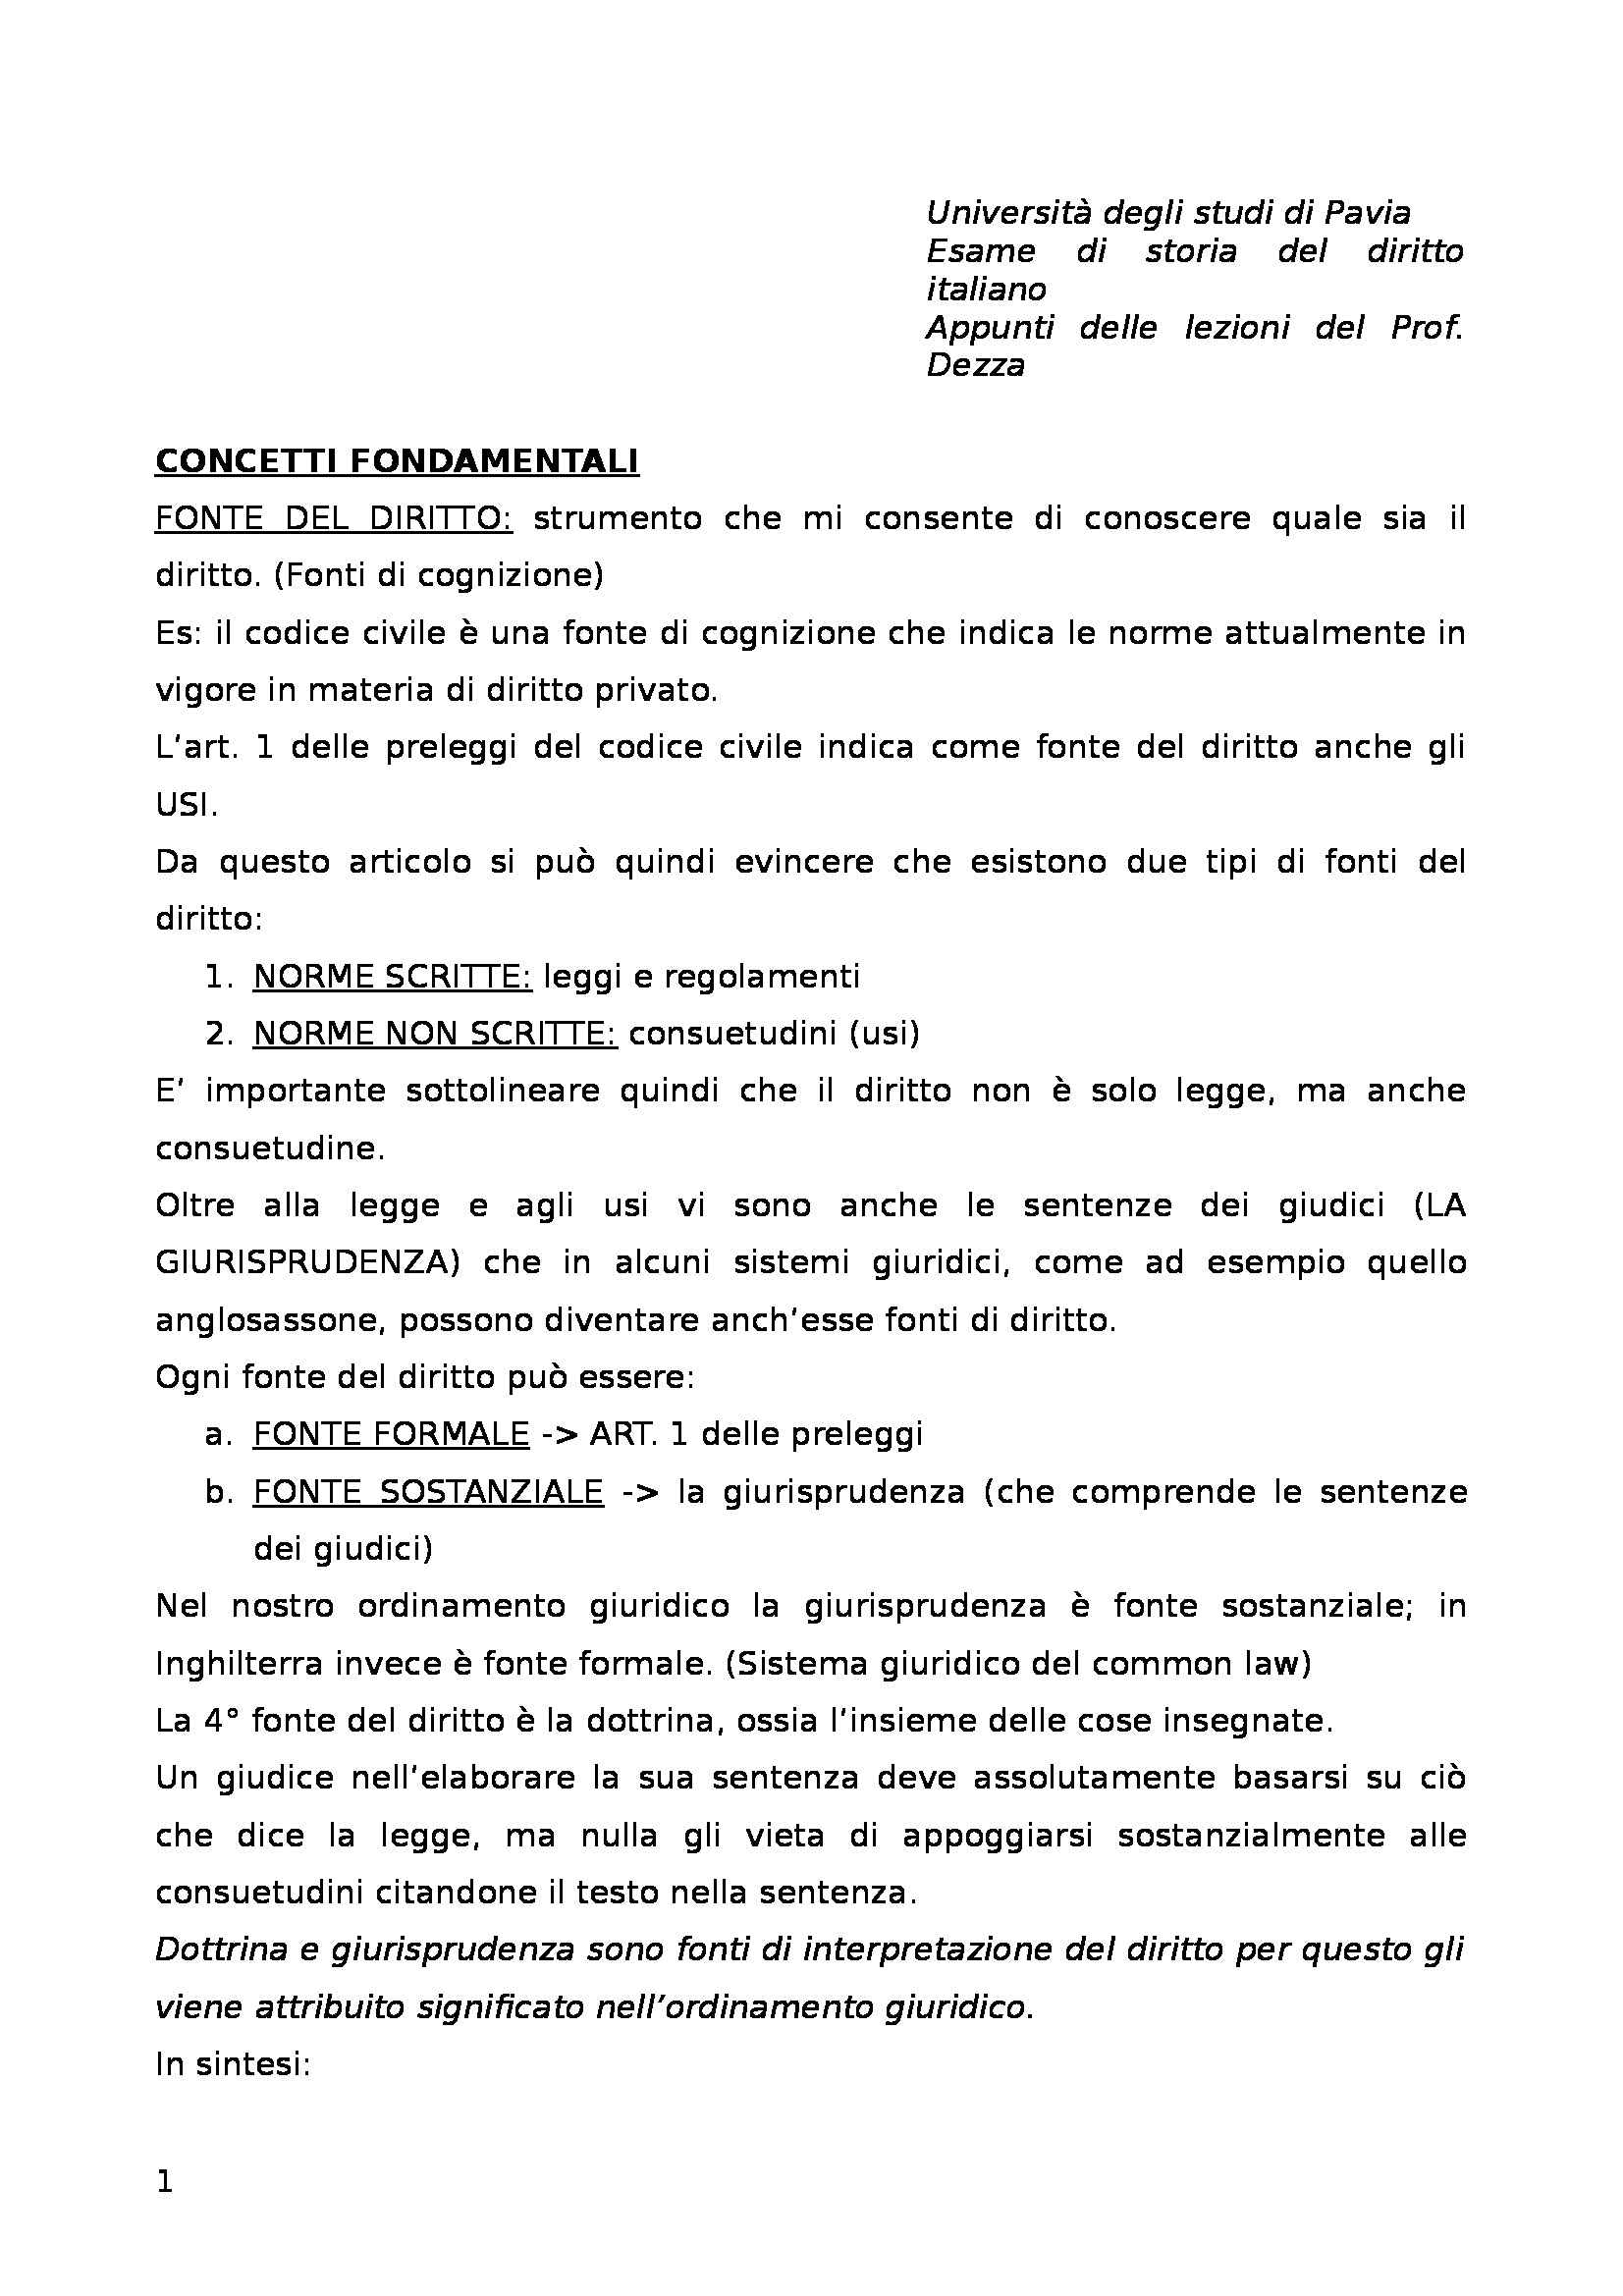 Storia del diritto italiano - Lezioni complete Dezza